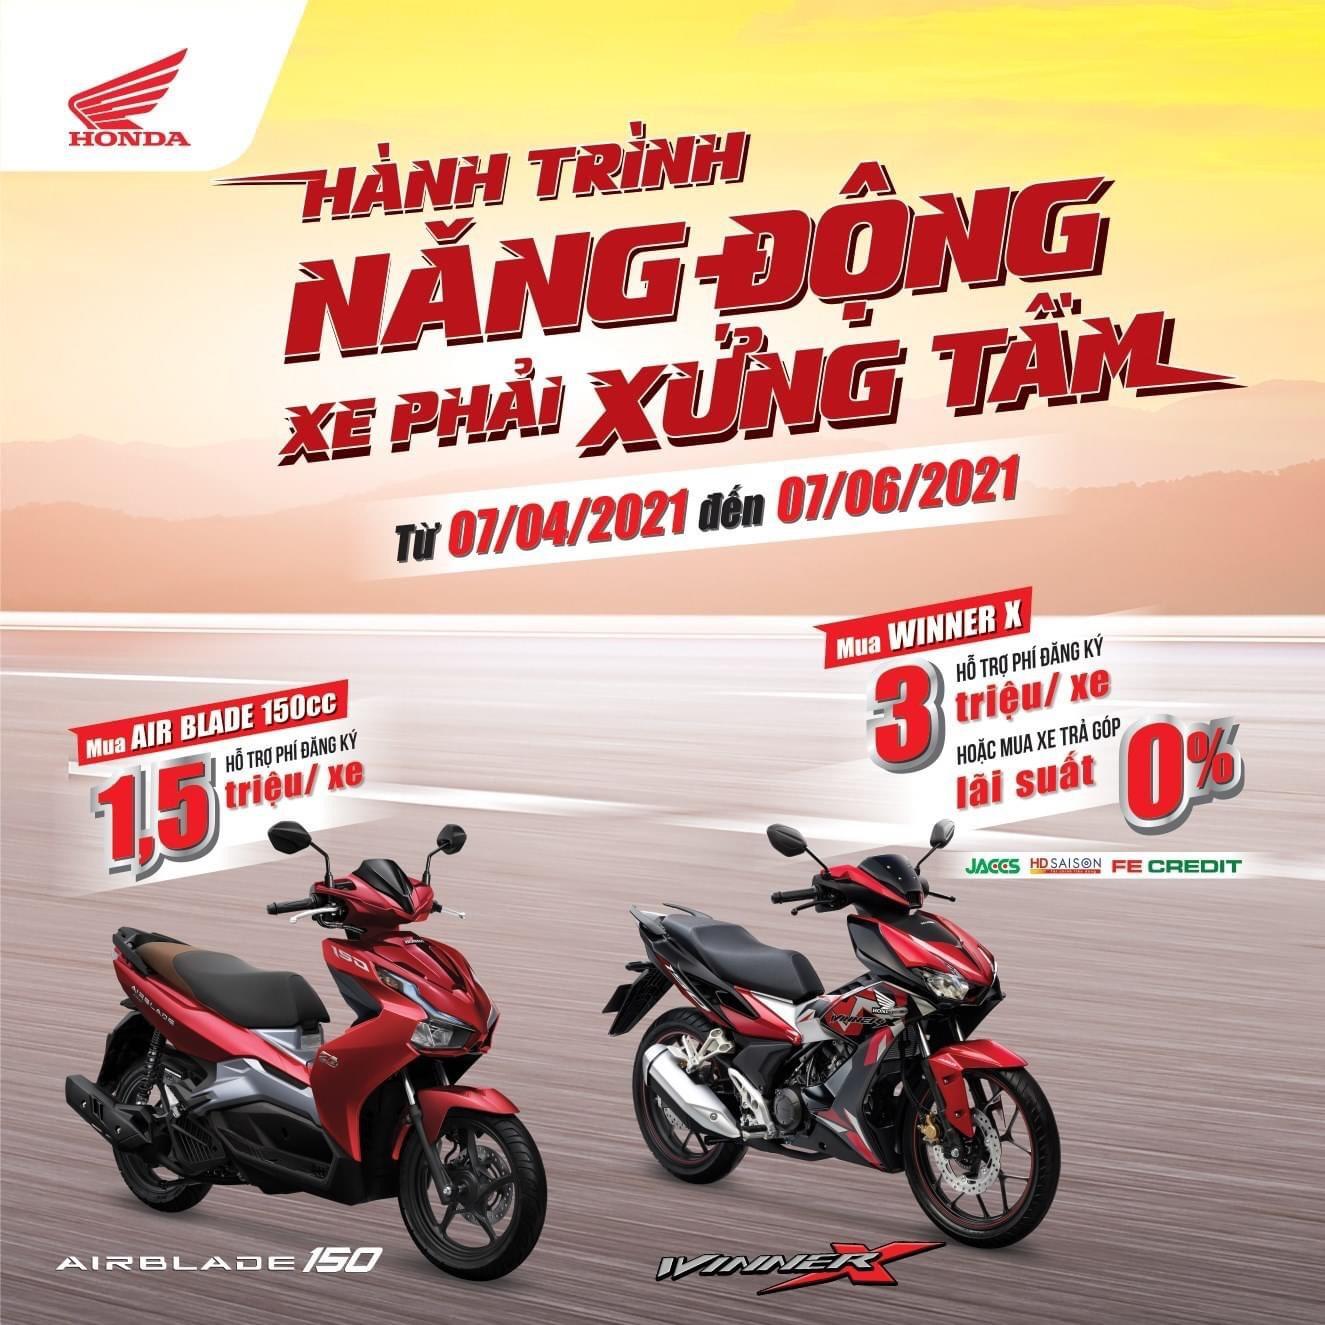 Honda Việt Nam dành ưu đãi hấp dẫn cho khách hàng mua xe WINNER X & Air Blade 150cc